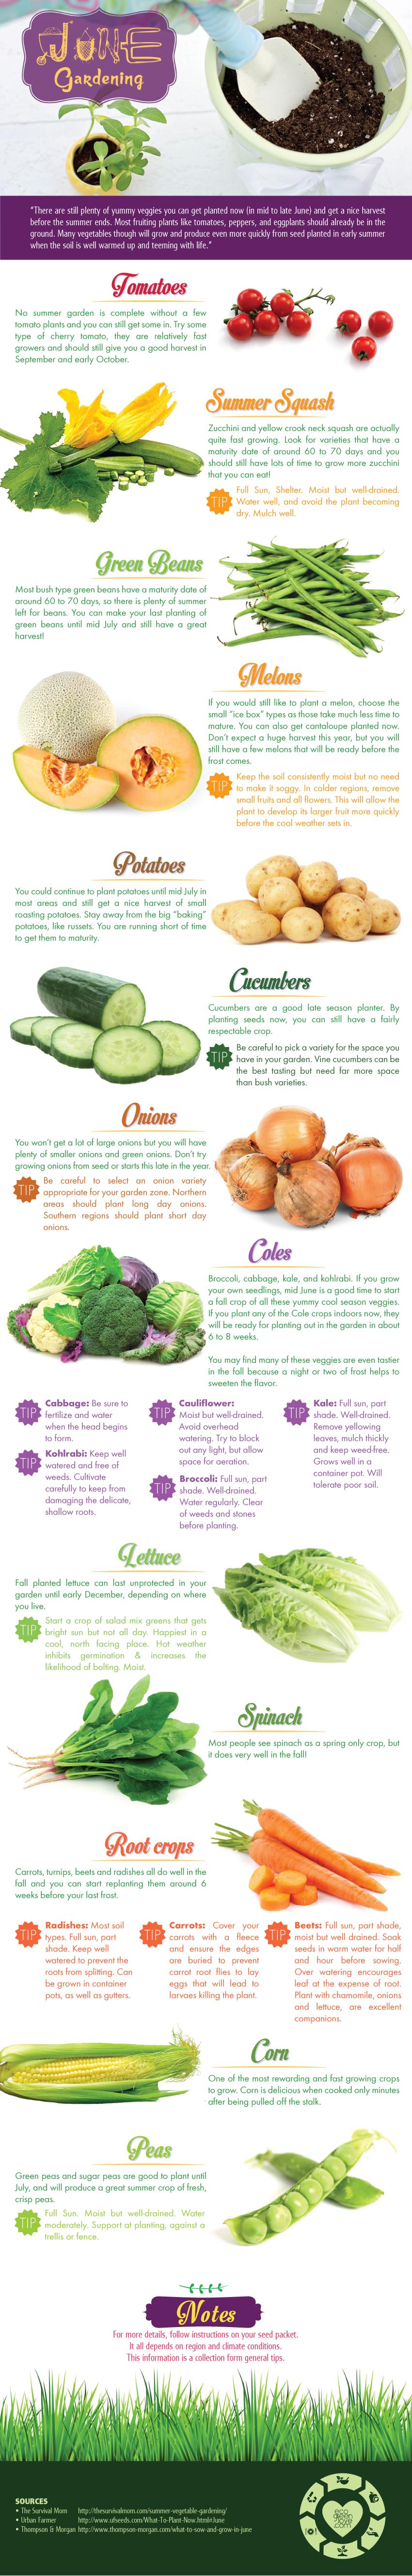 Gardening in June [Infographic]   ecogreenlove